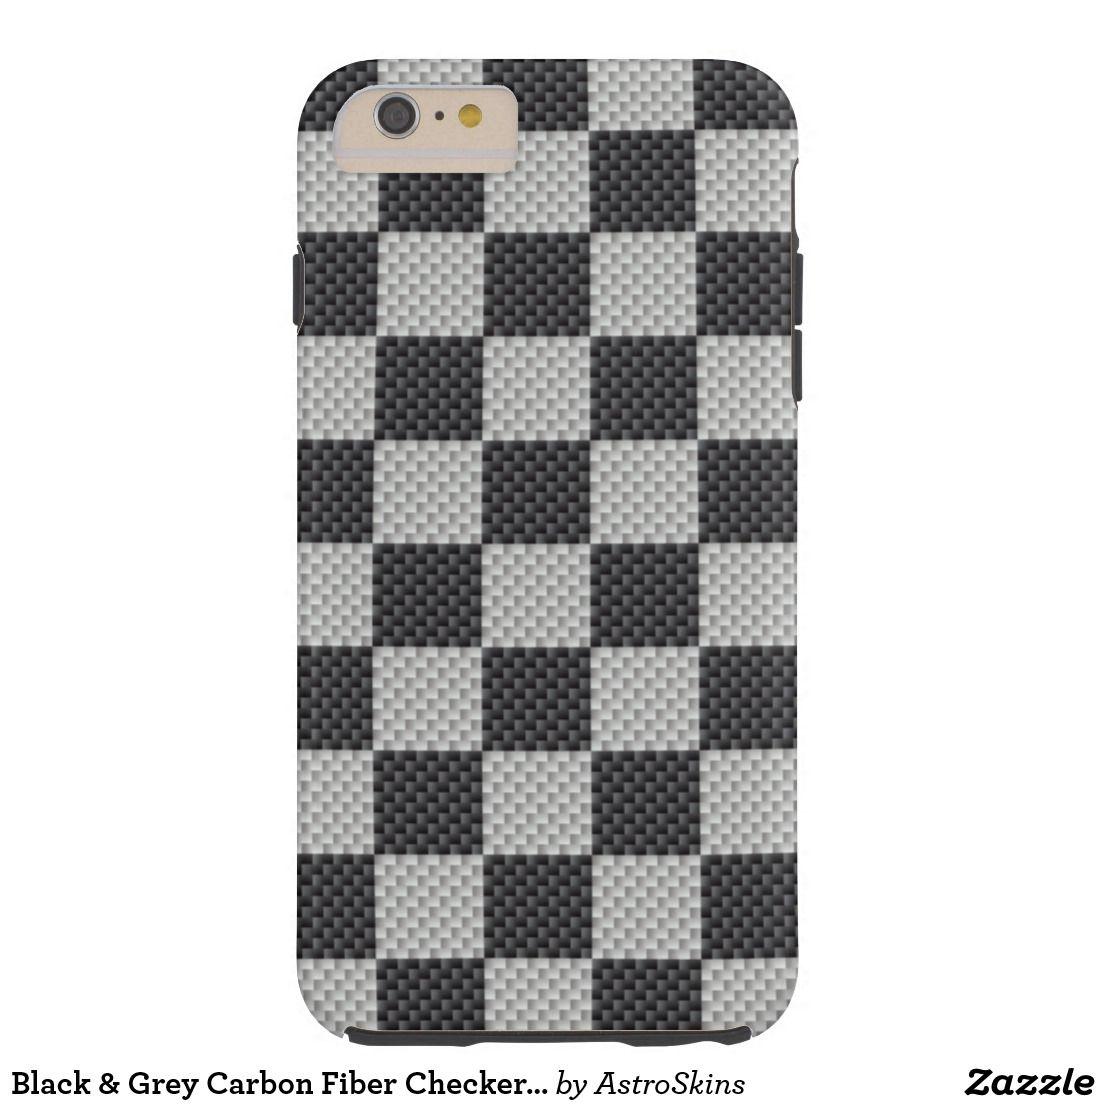 Black grey carbon fiber checker board casemate iphone